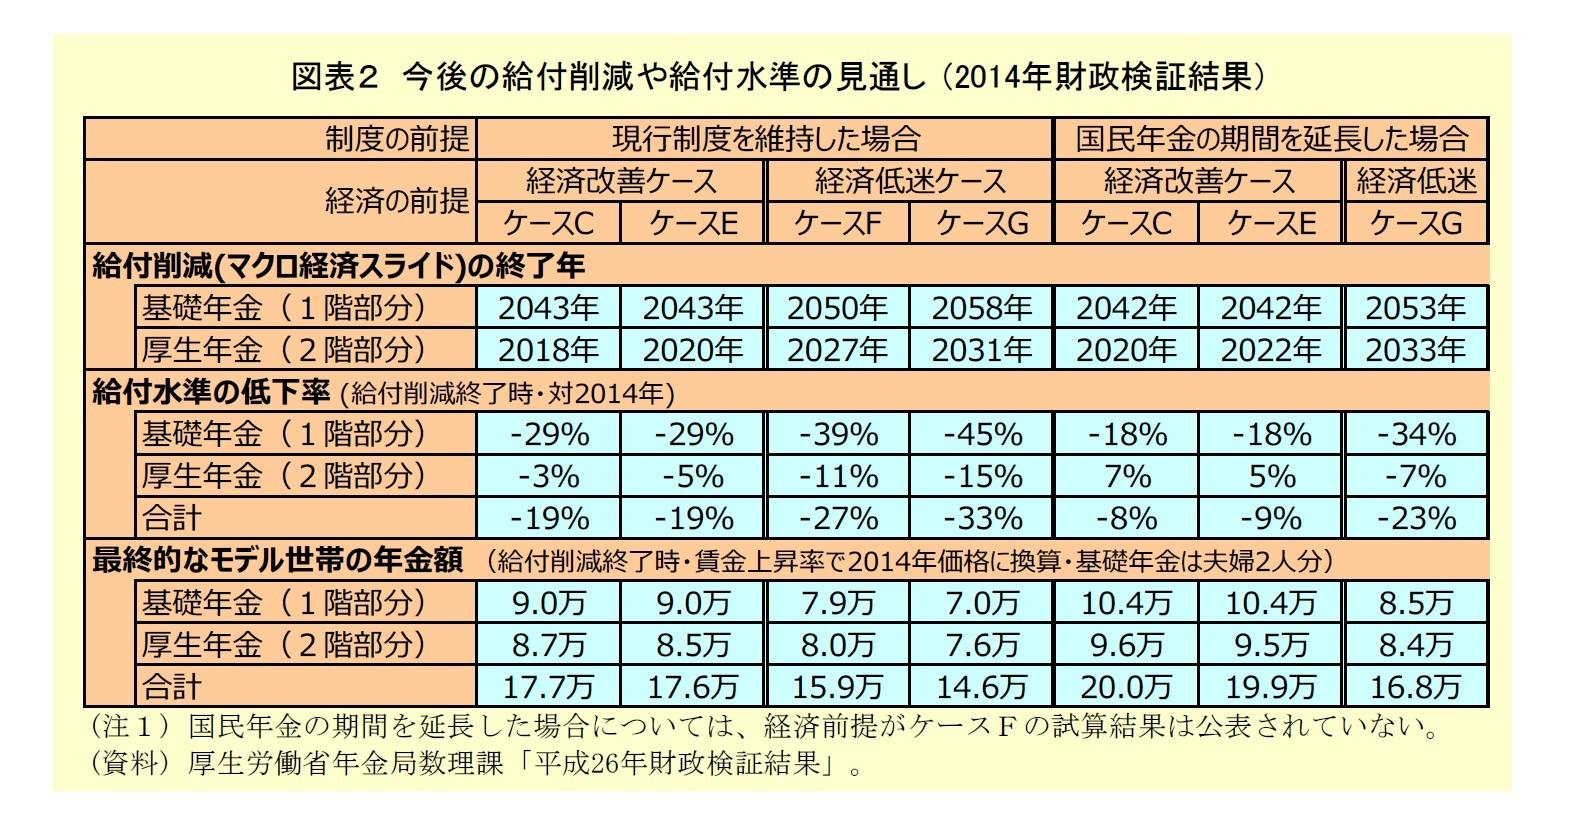 図表2:今後の給付削減や給付水準の見直し